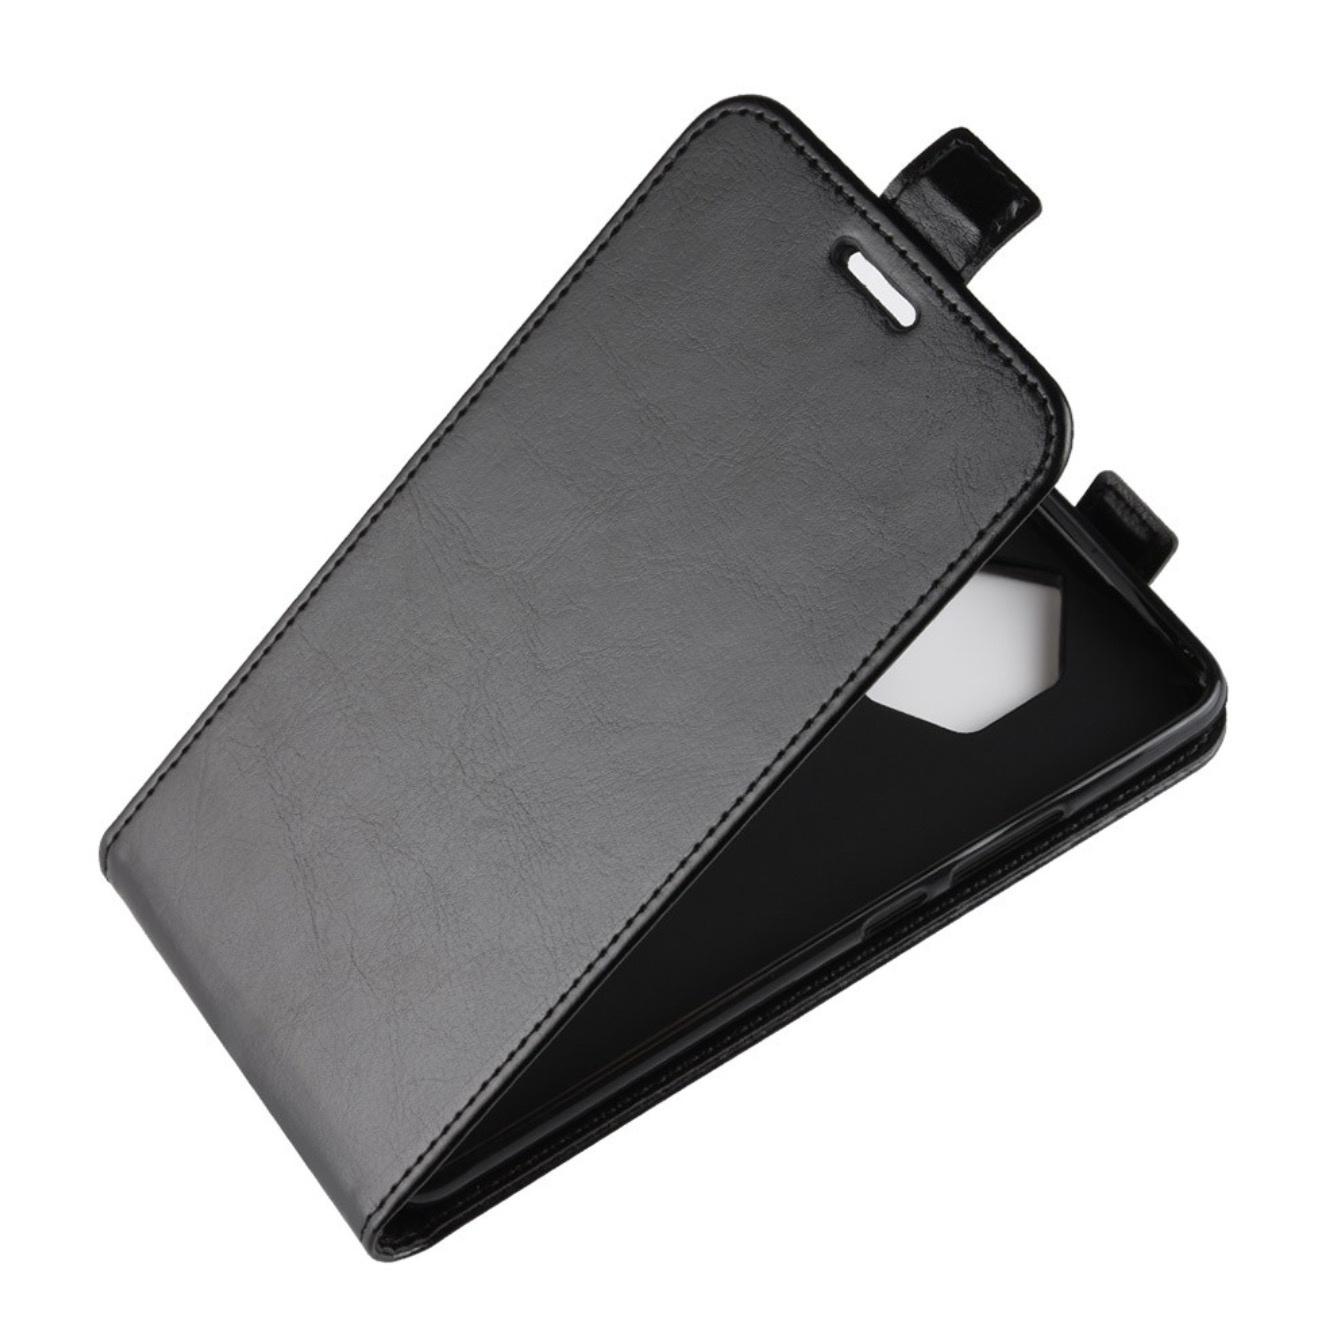 Чехол-флип MyPads для HTC Desire 601 Dual Sim вертикальный откидной черный